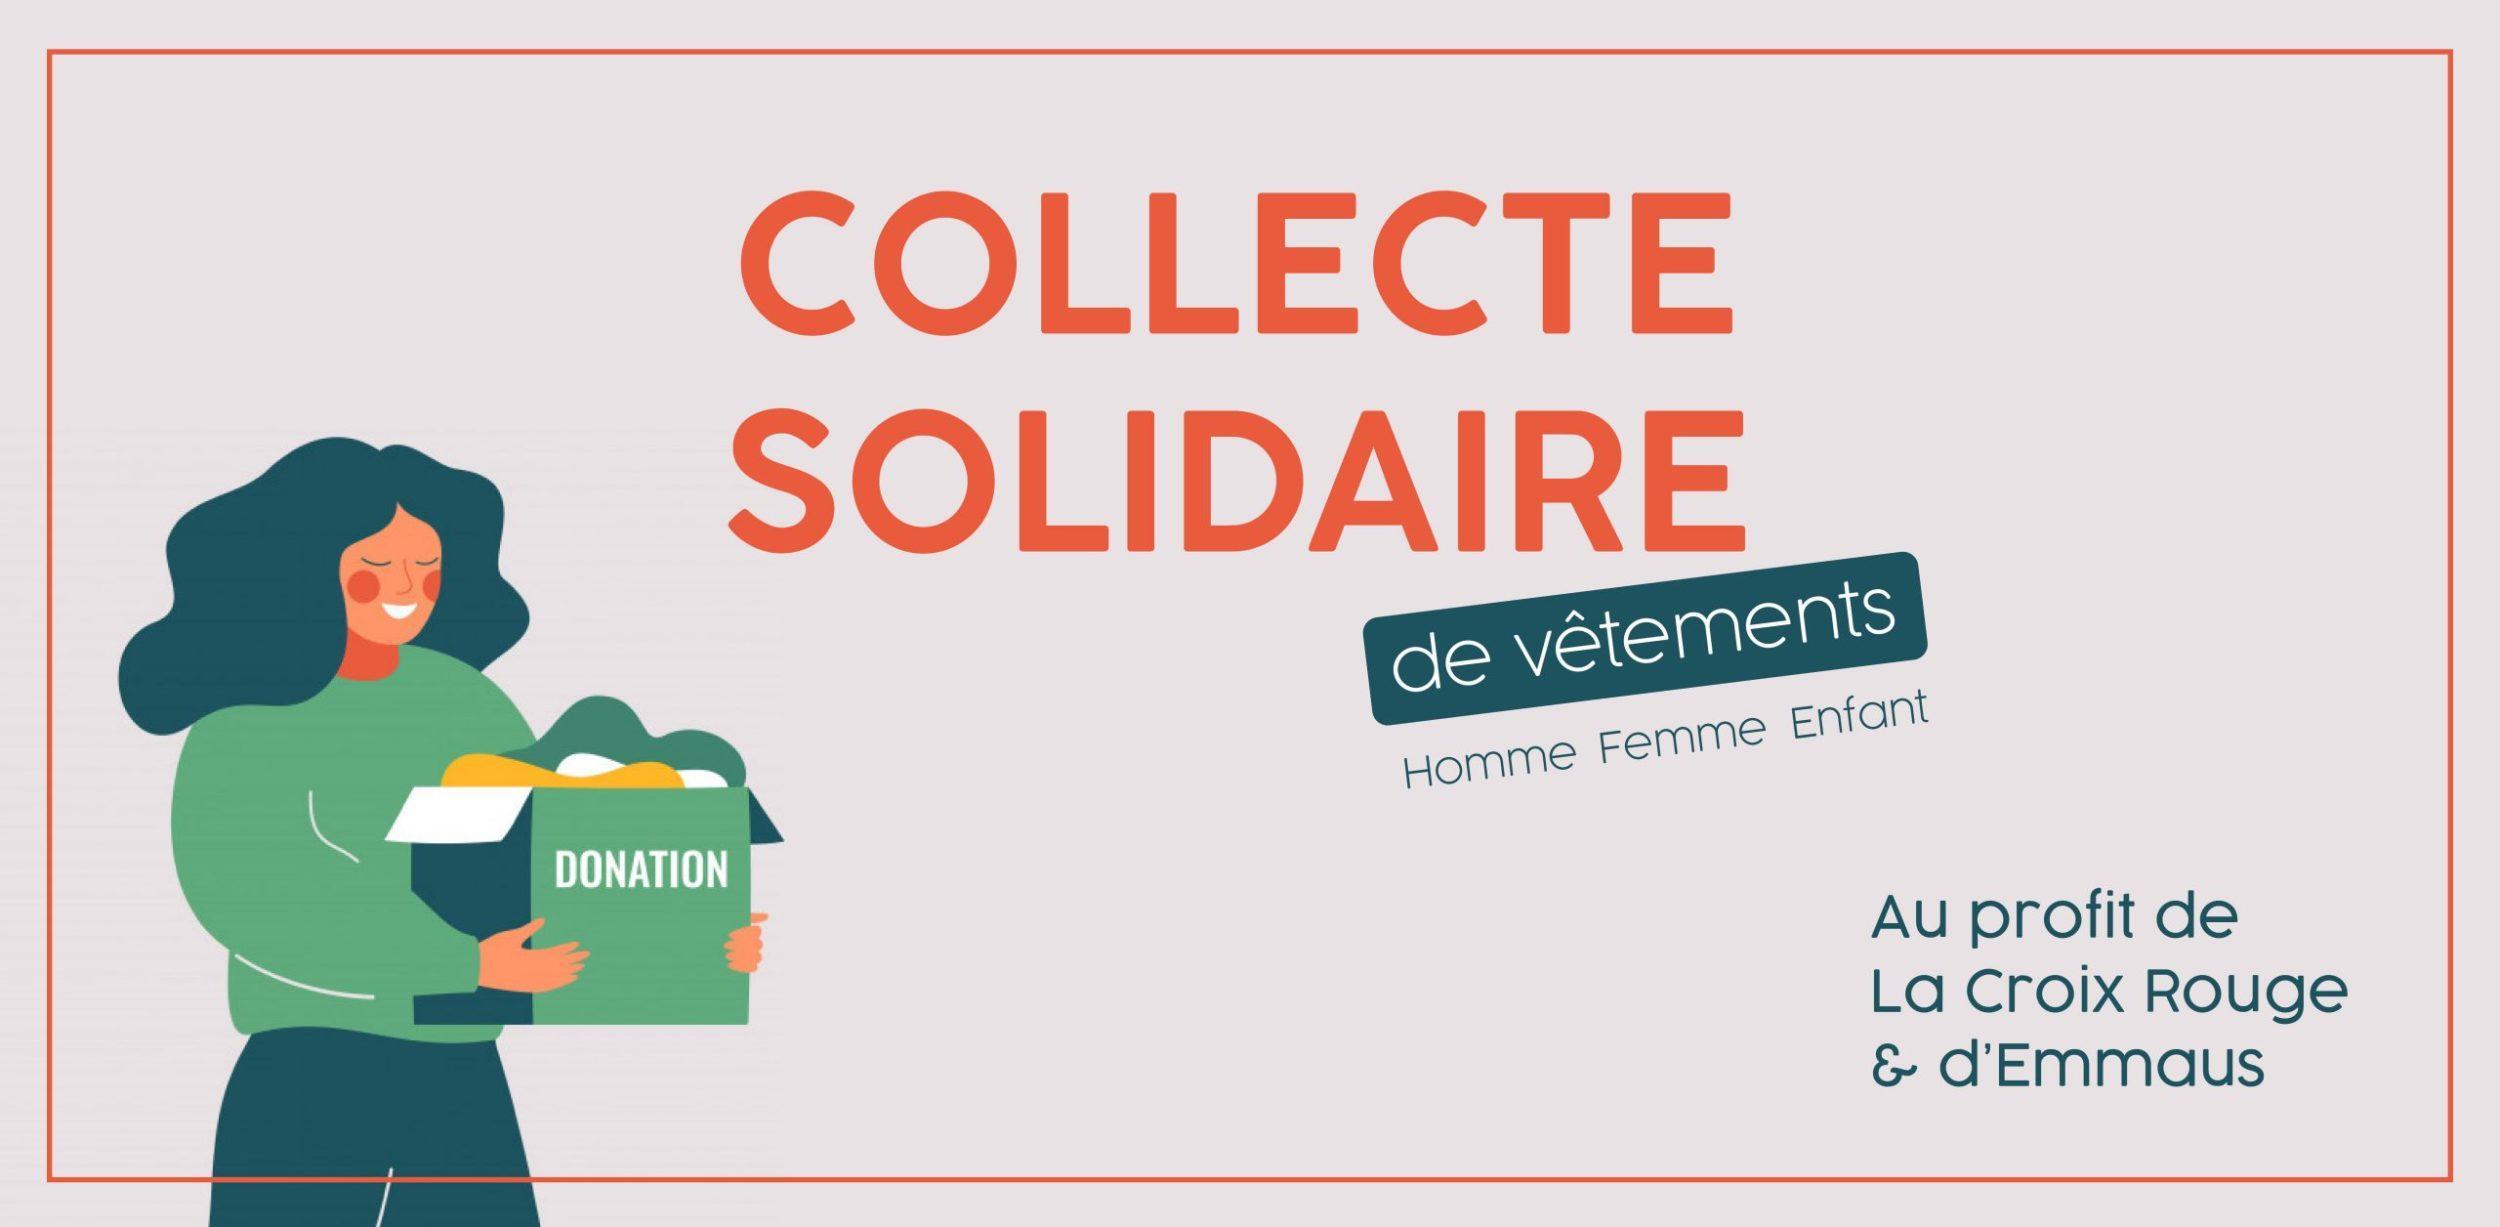 FIBA lance une collecte solidaire de vêtements